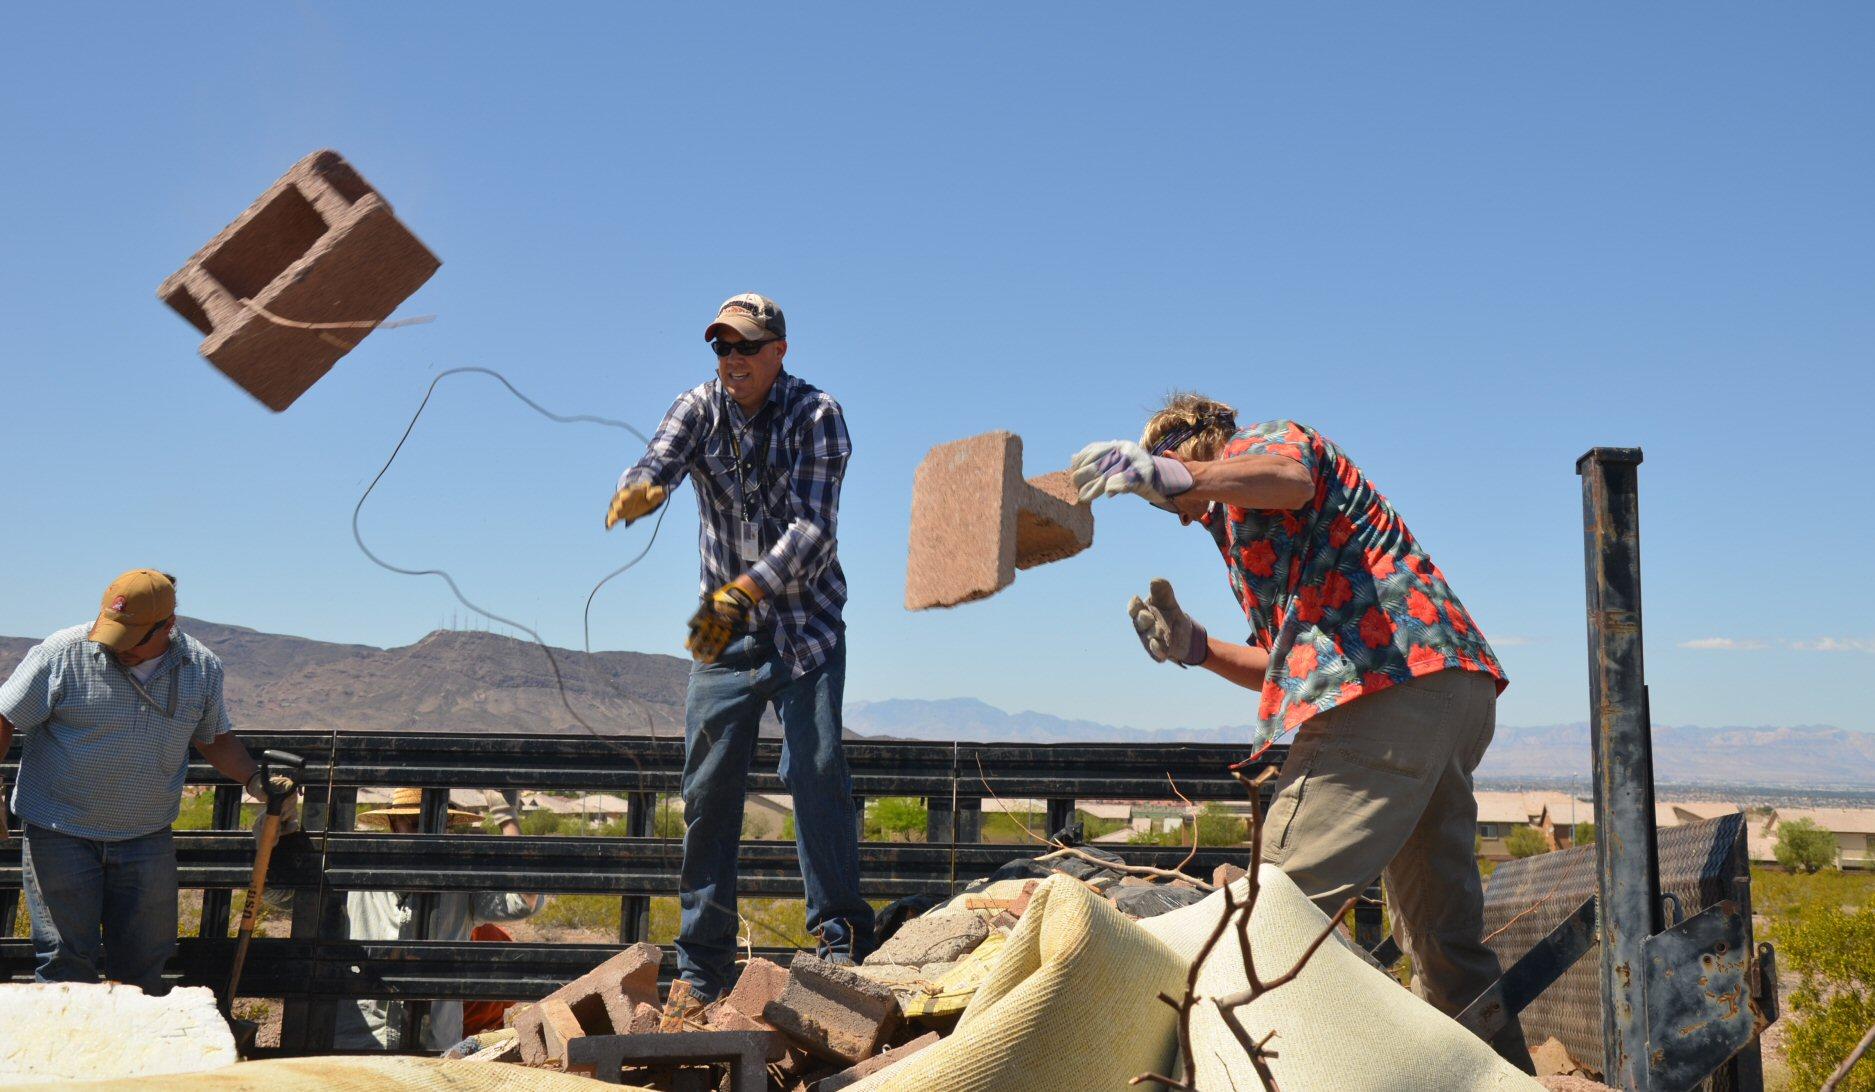 bureau of reclamation lower colorado region by colleen dwyer public affairs specialist